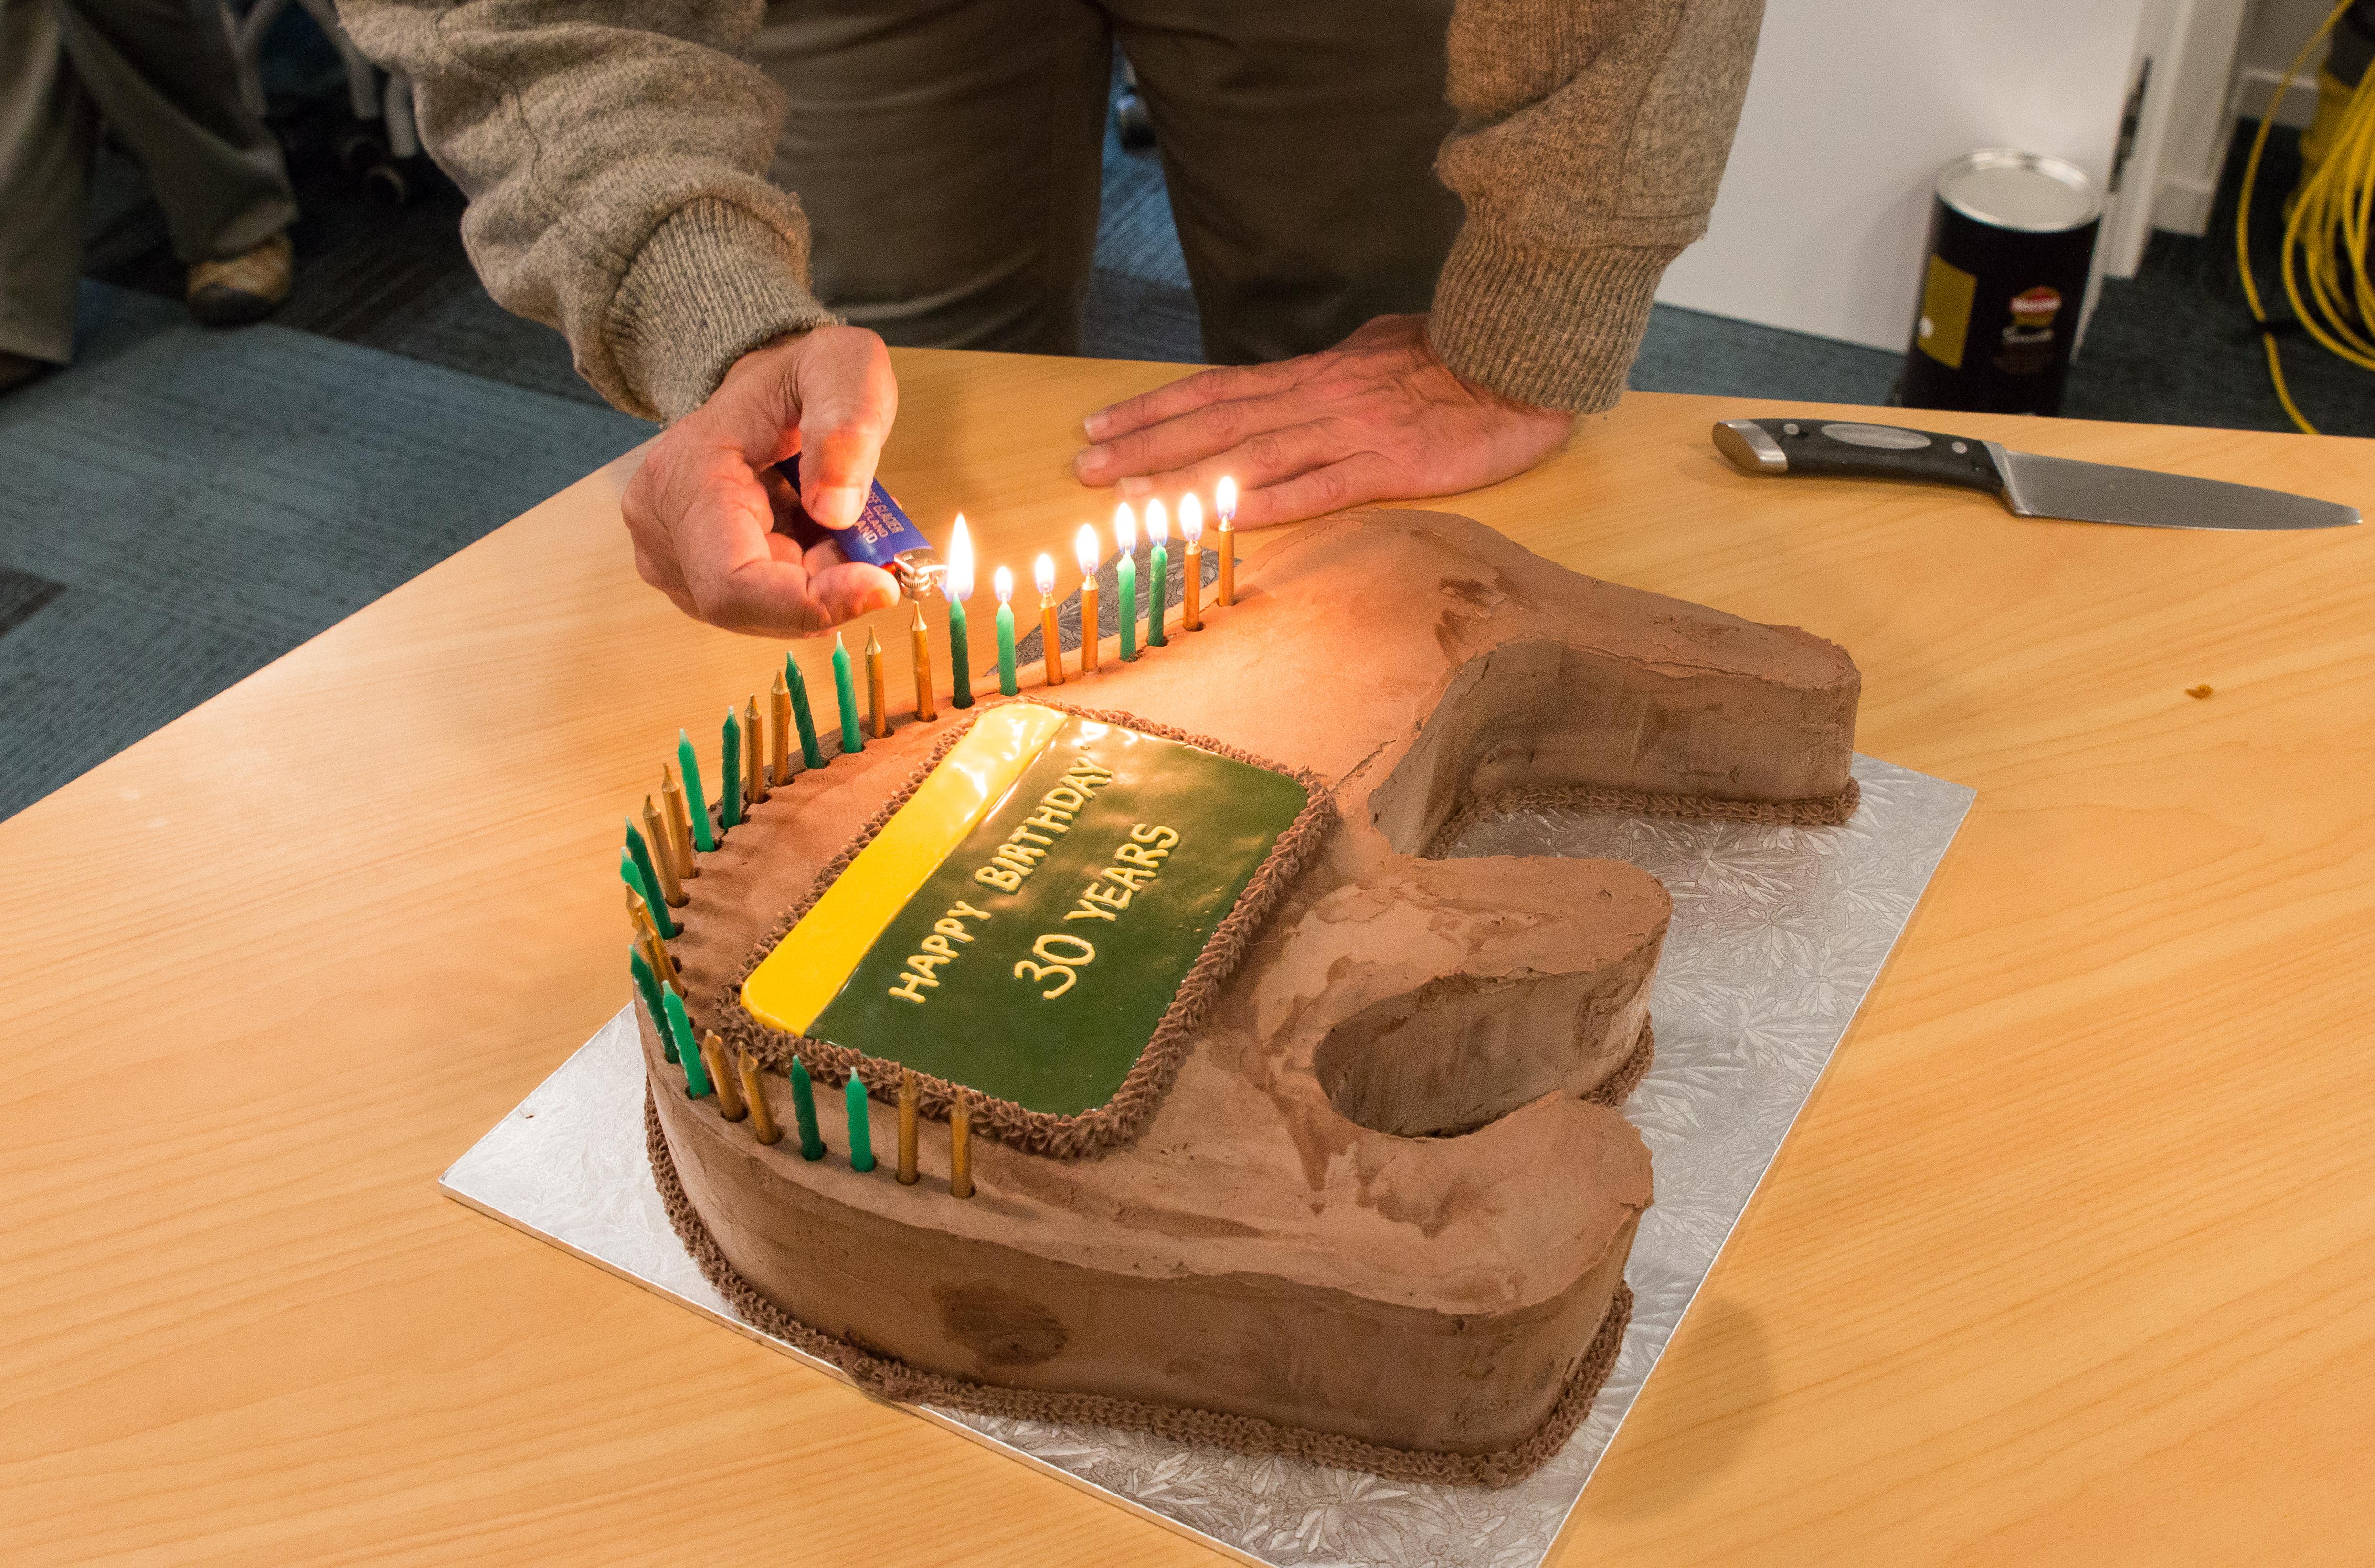 DOC turns 30 celebration cakes